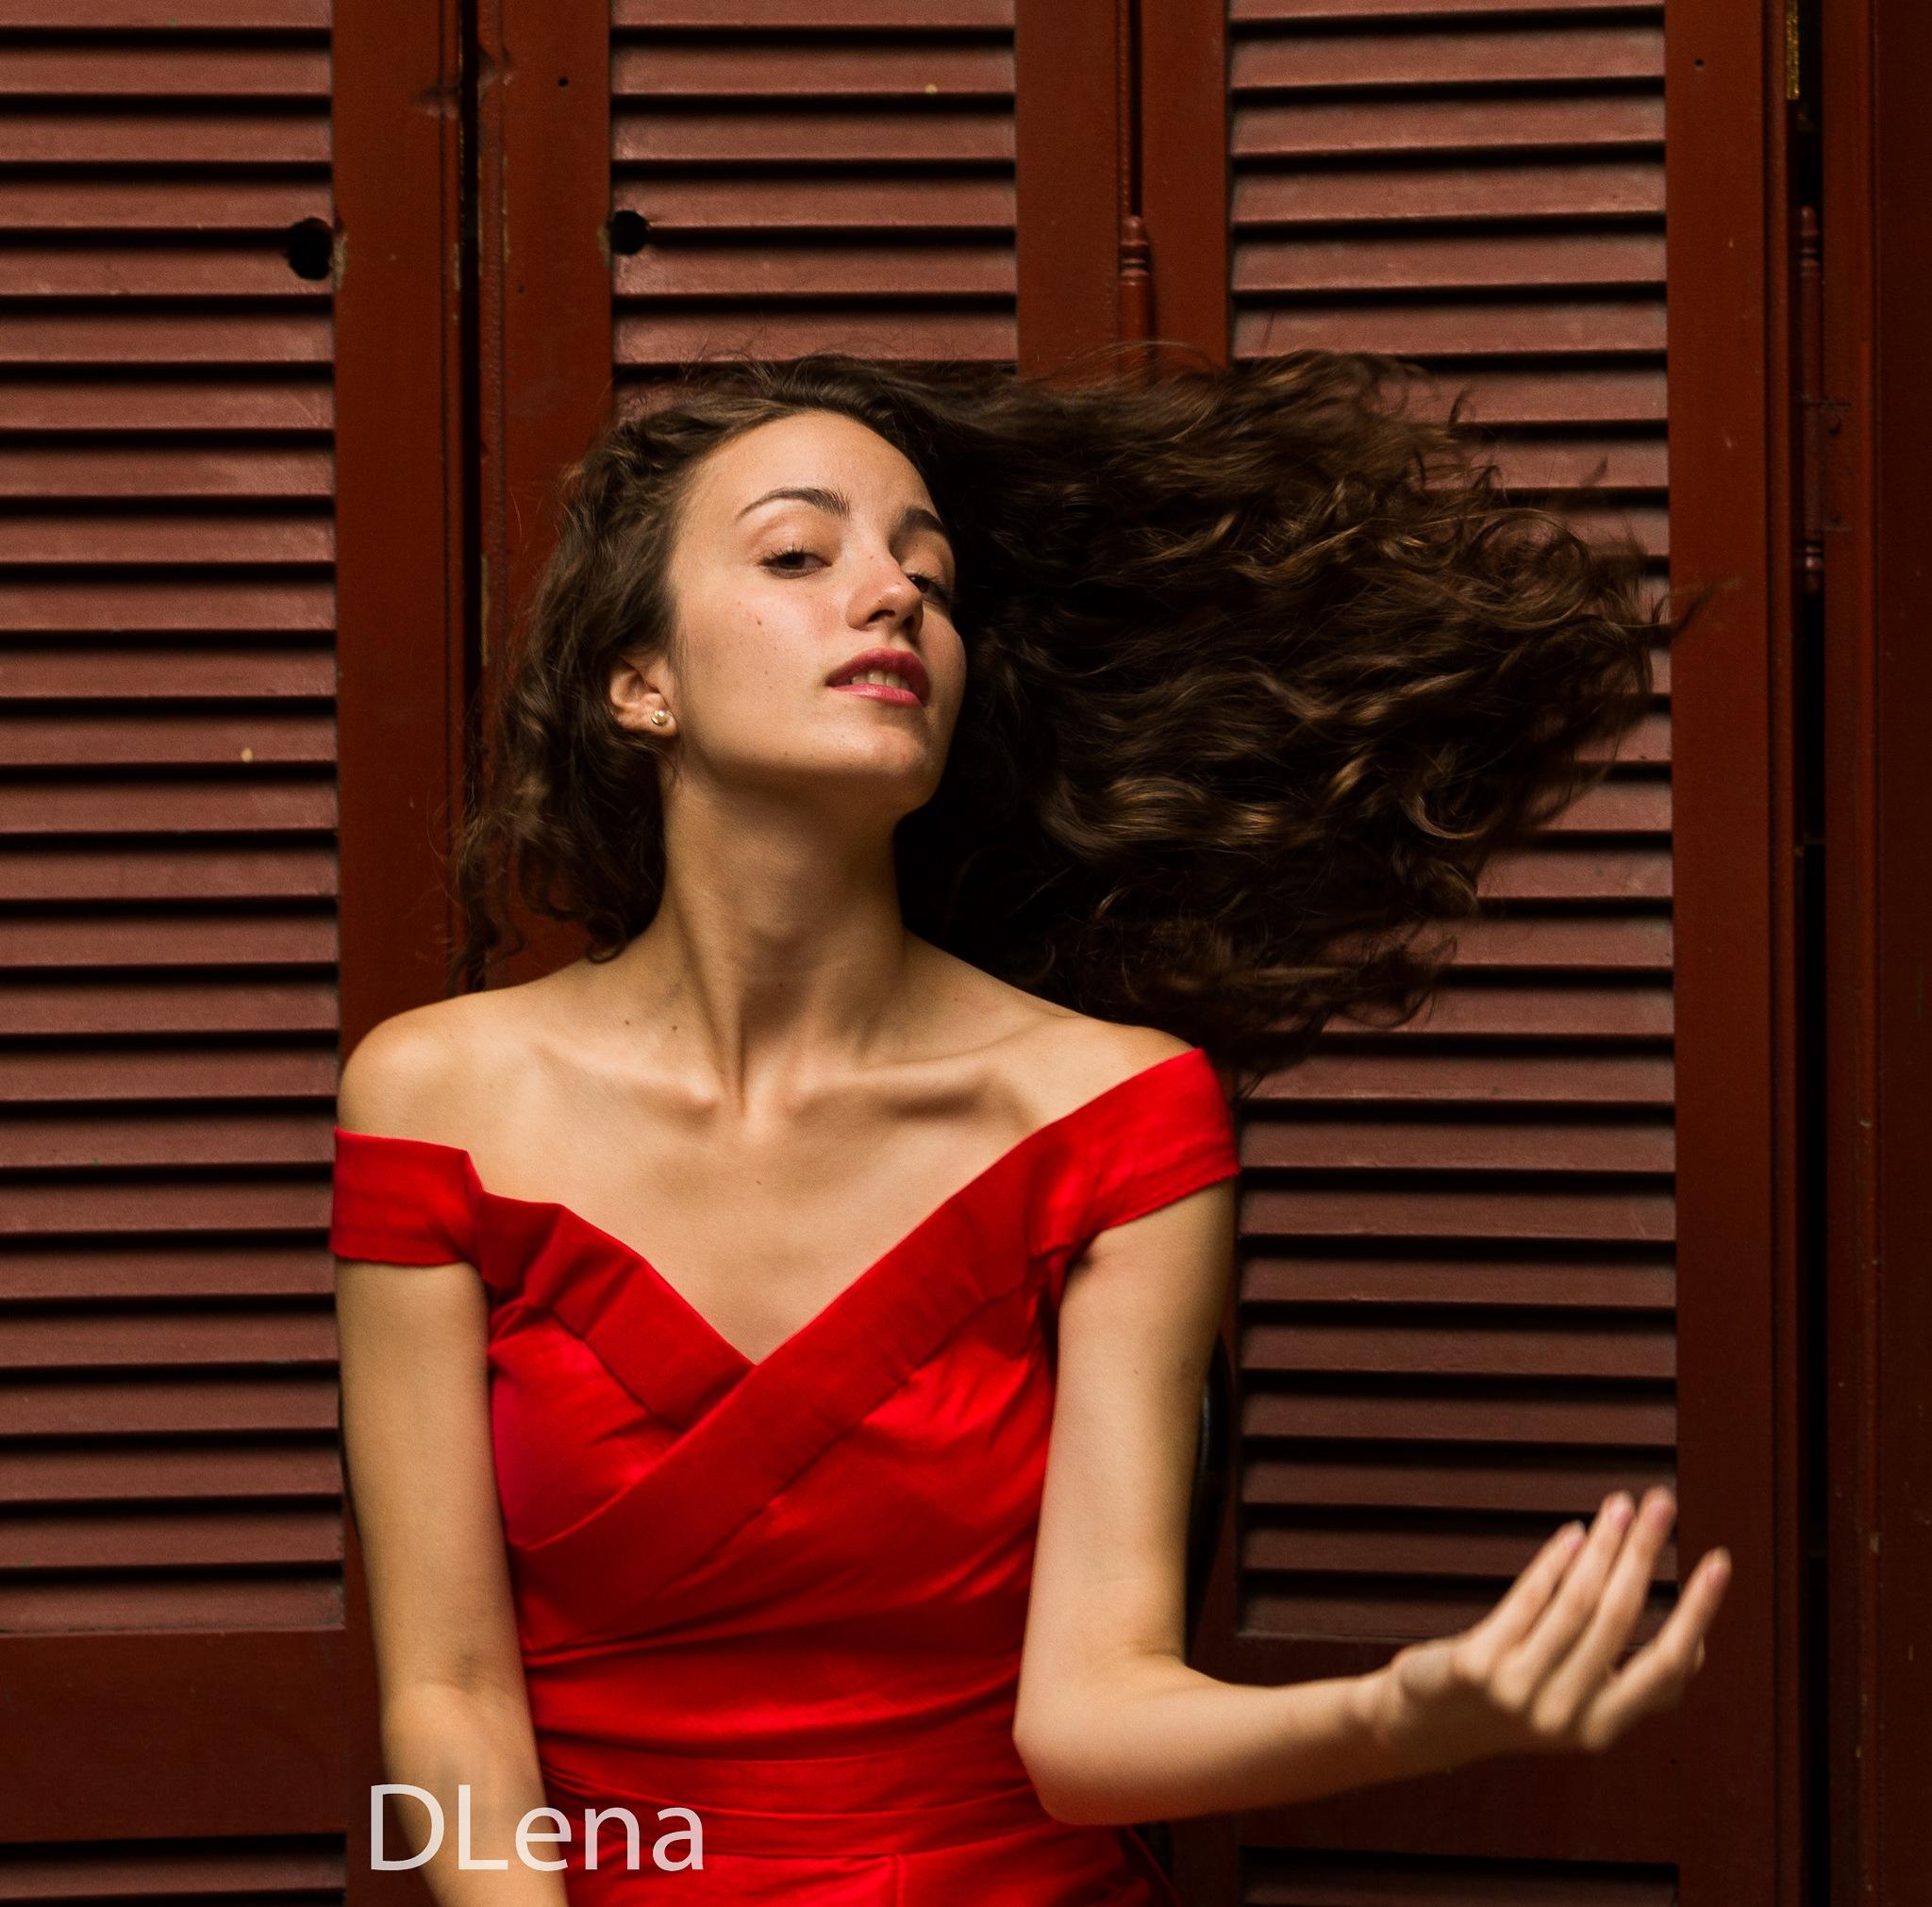 cabellos al viento by Diego Lena